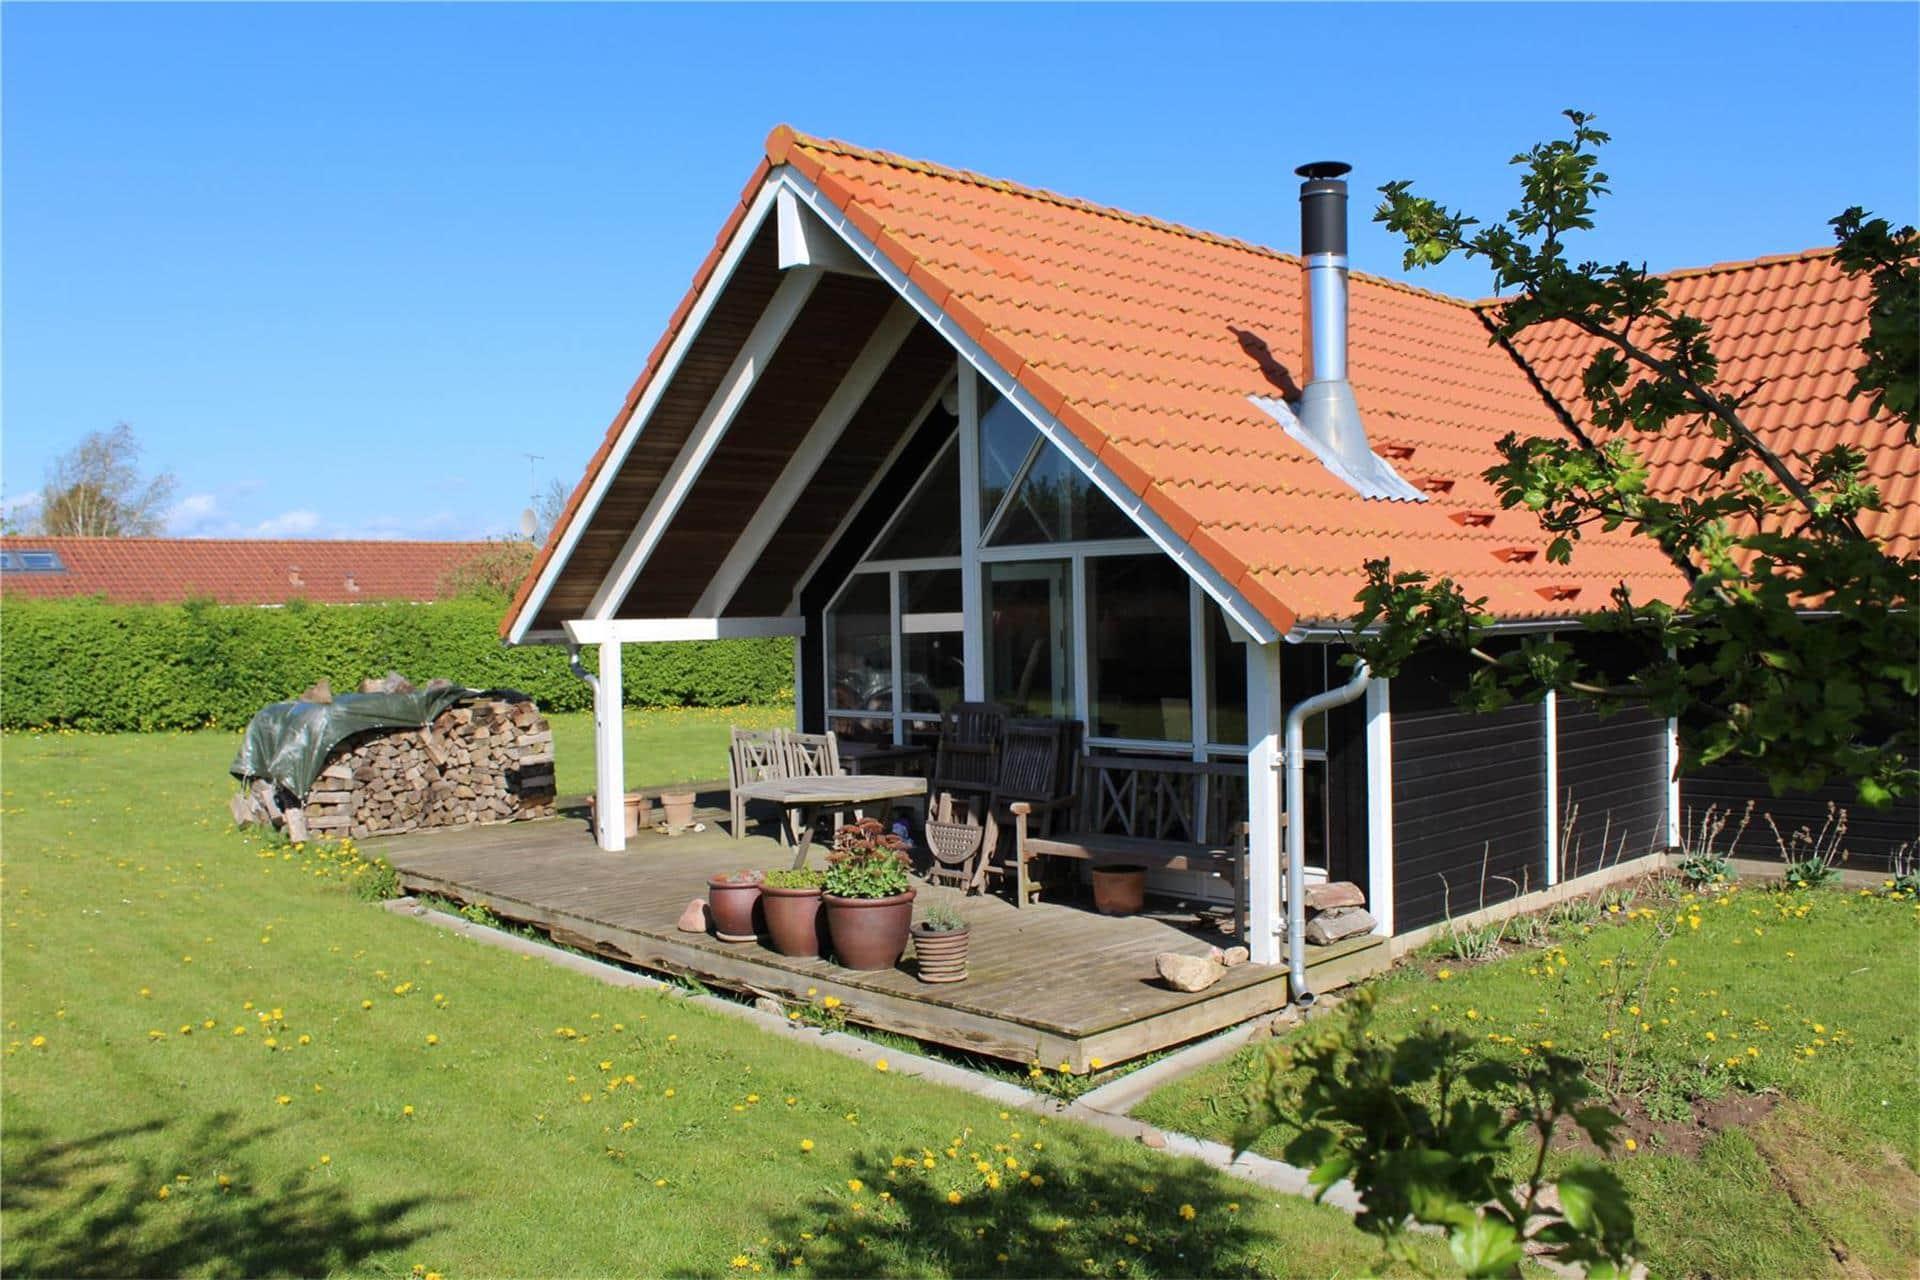 Billede 1-3 Sommerhus M65080, Østerbakken 3, DK - 5610 Assens